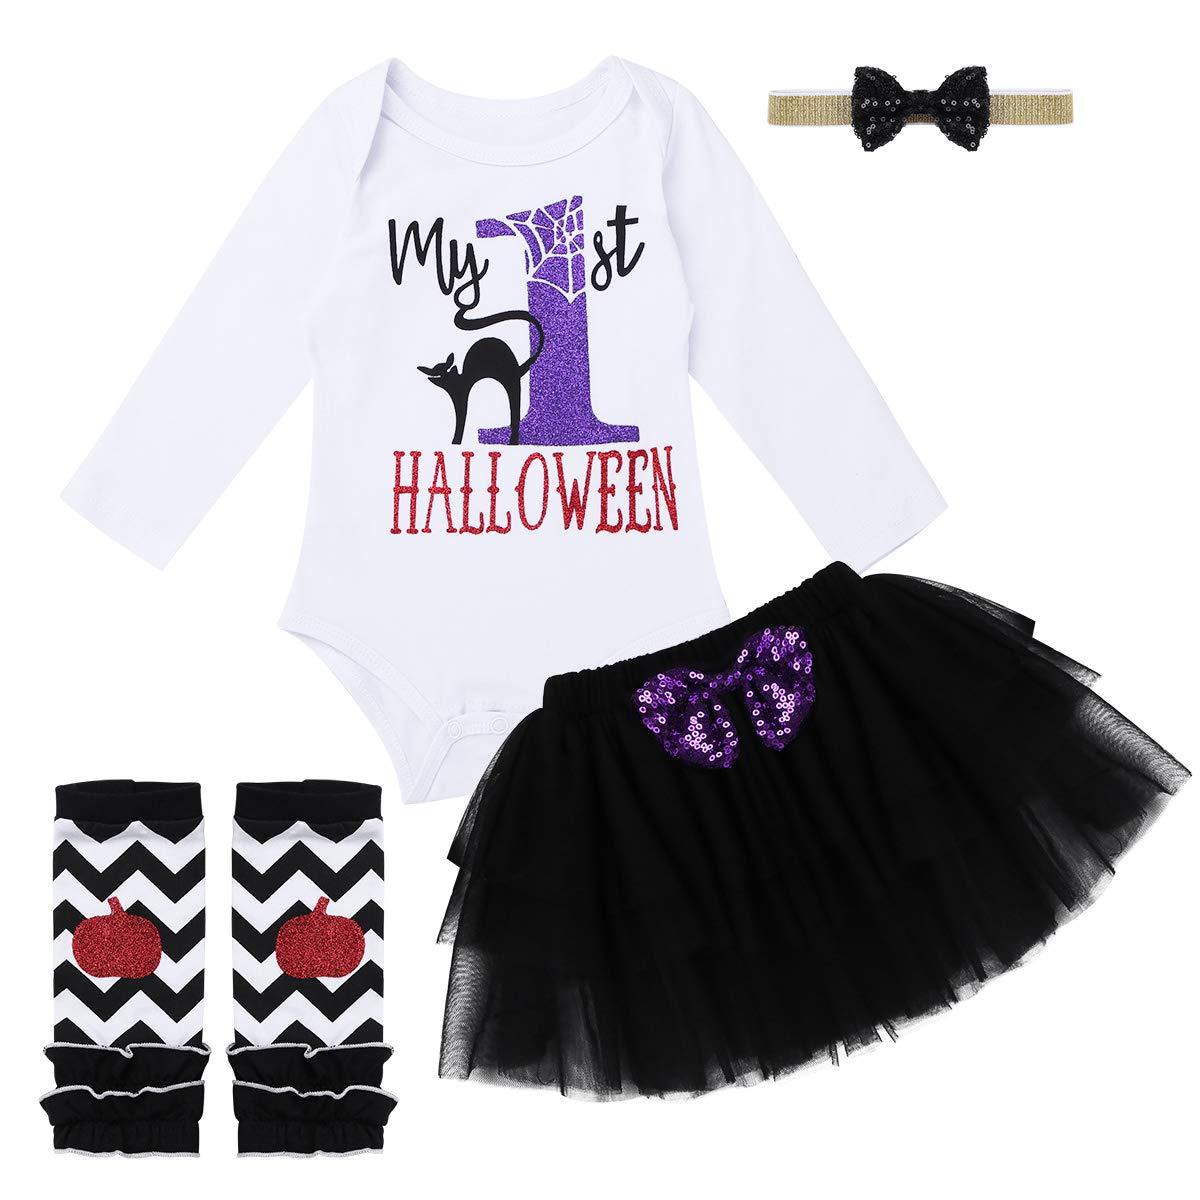 CHICTRY Bebé Niña Vestido de Princesa Tutú Disfraz Fiesta Infantil 4Pcs Conjuntos Mameluco+ Falda+ Diadema+ Calcetines Halloween Cumpleaños